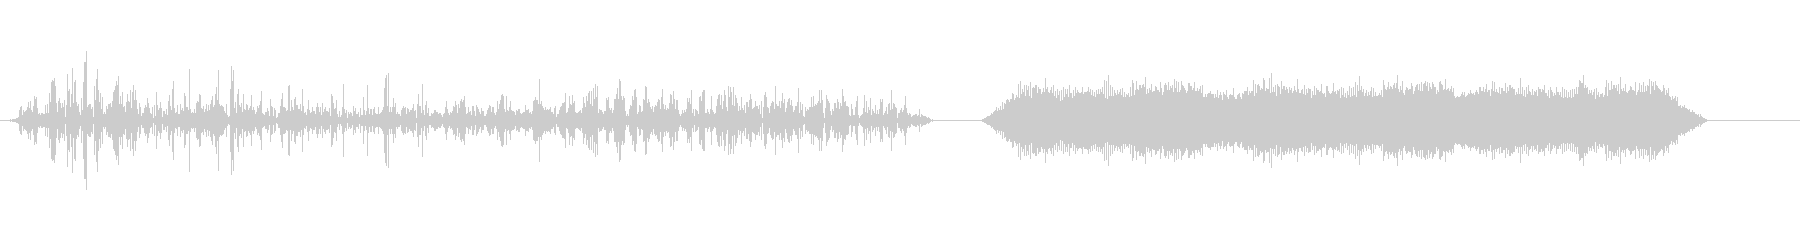 シガー-グリロスの未再生の波形